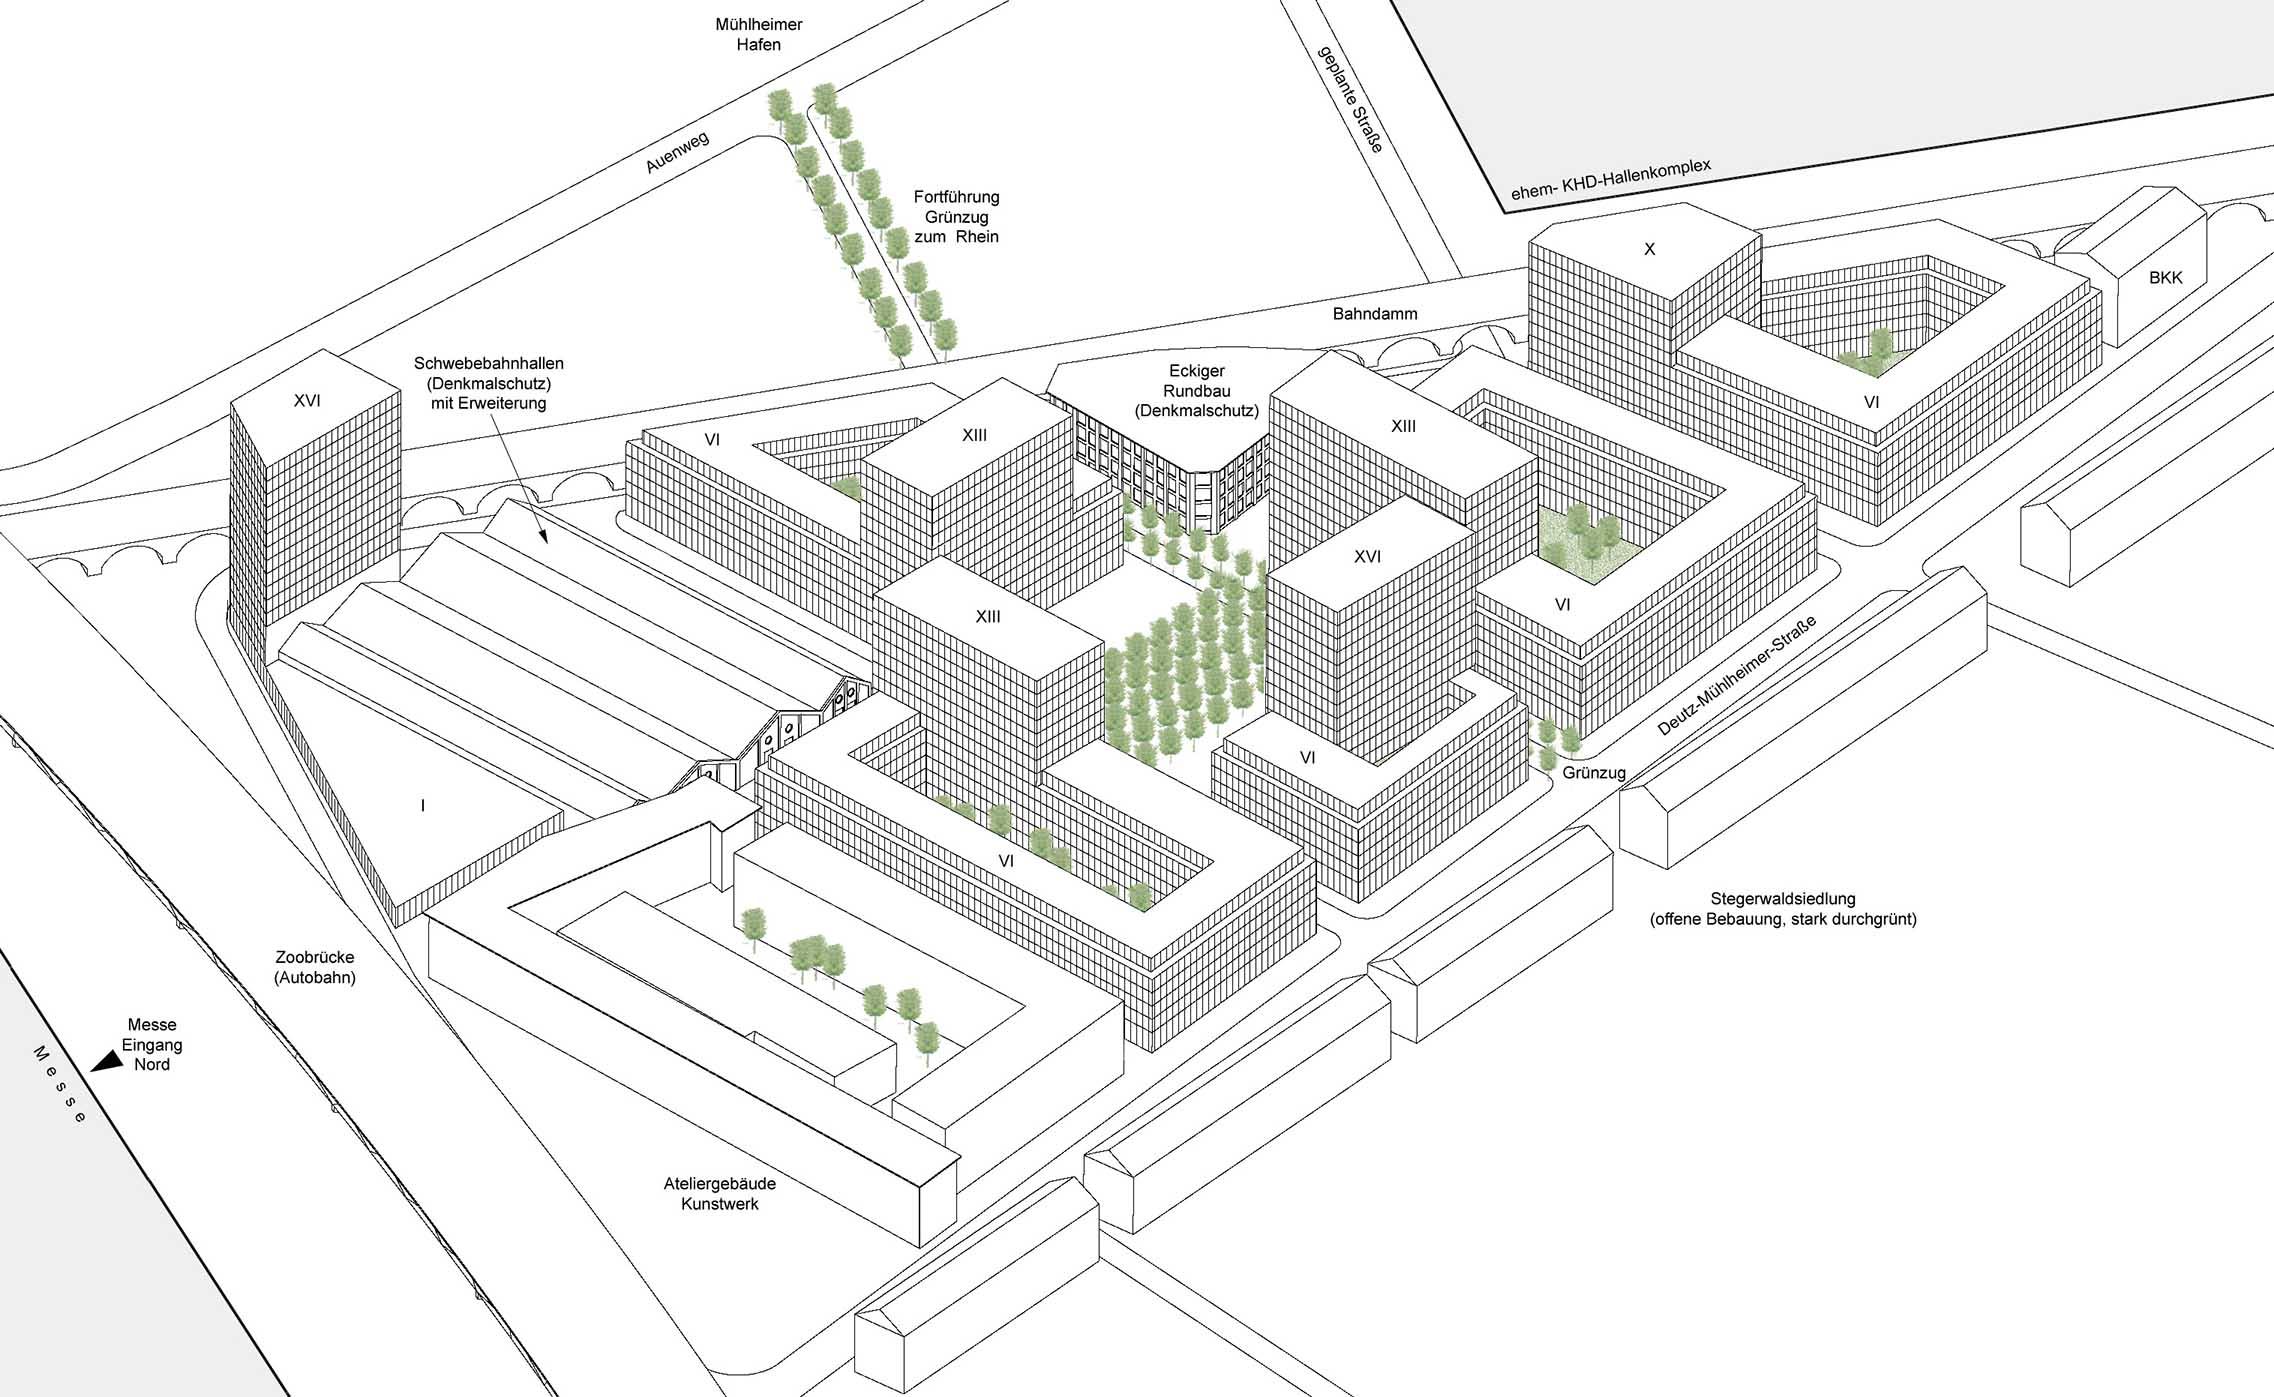 REWE-Konzernzentrale Standortuntersuchungen in Köln